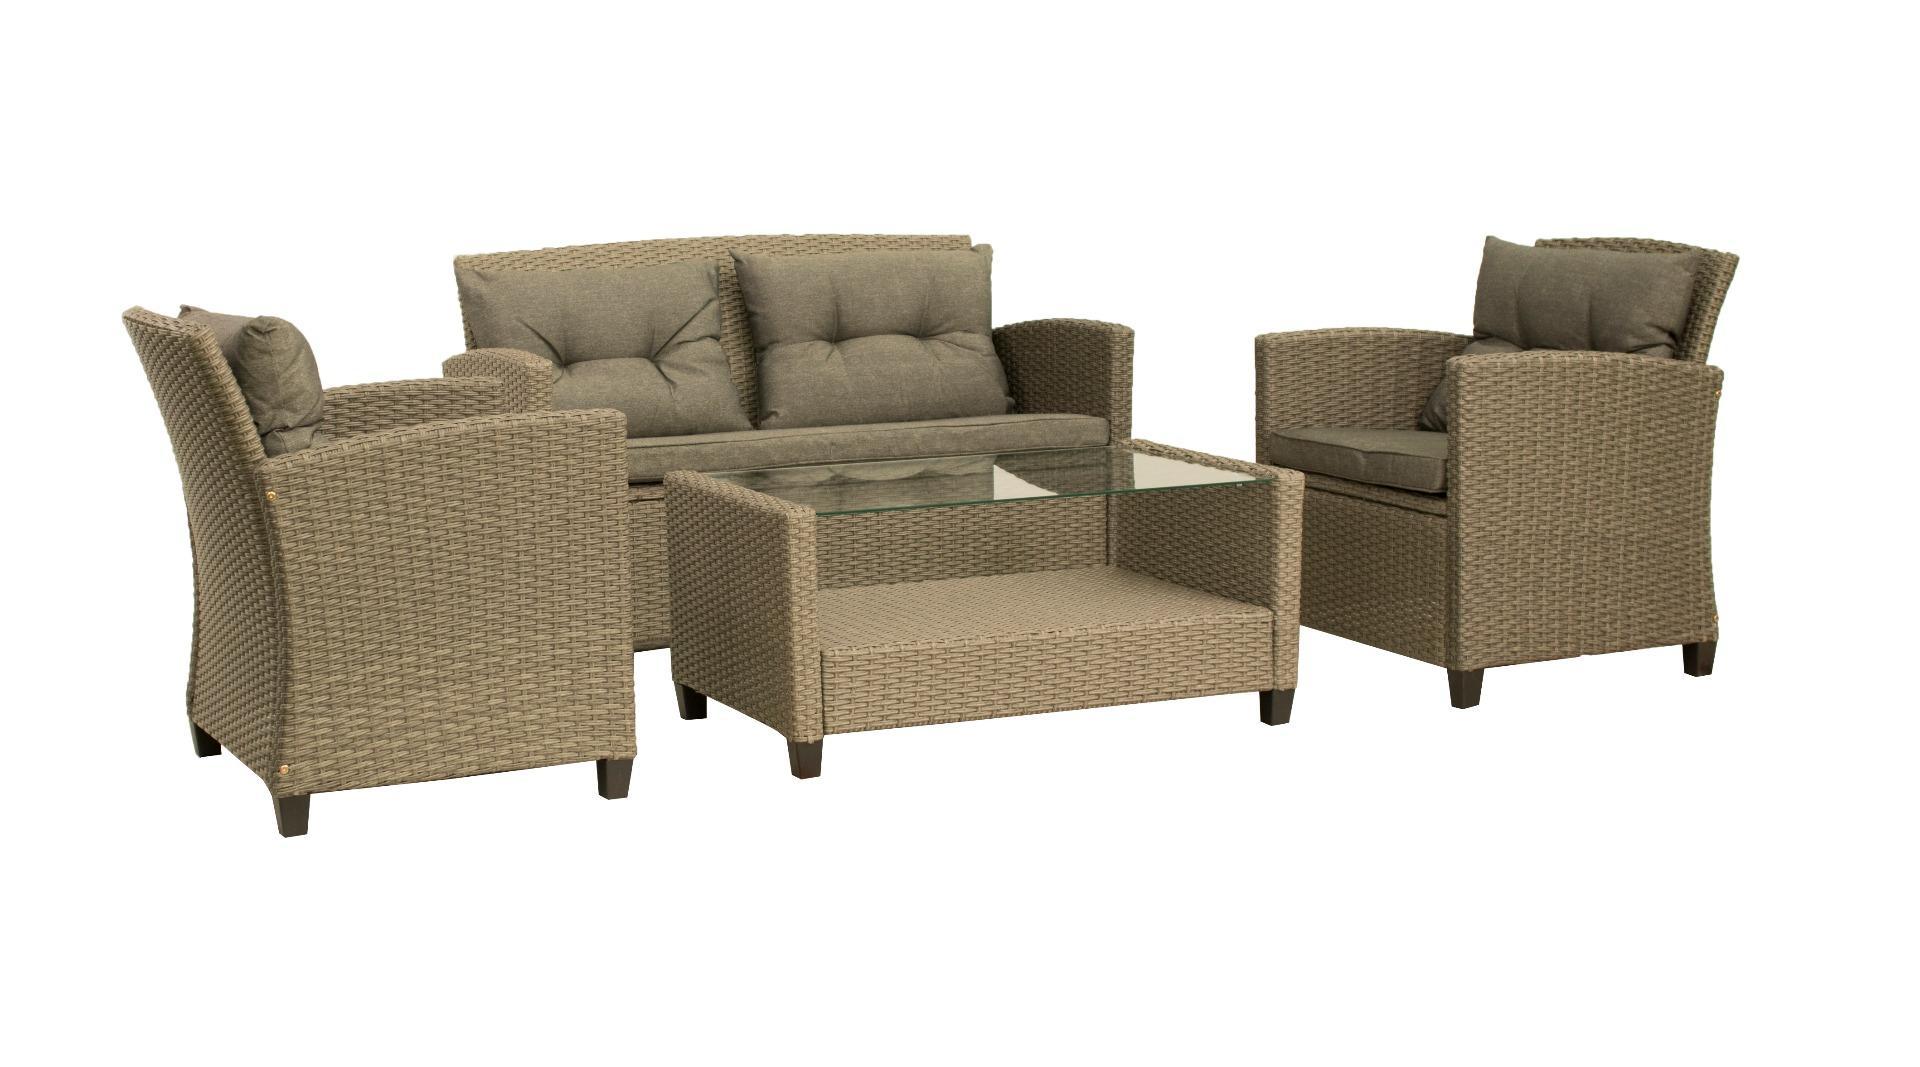 Korting Mora lounge set 4 pcs